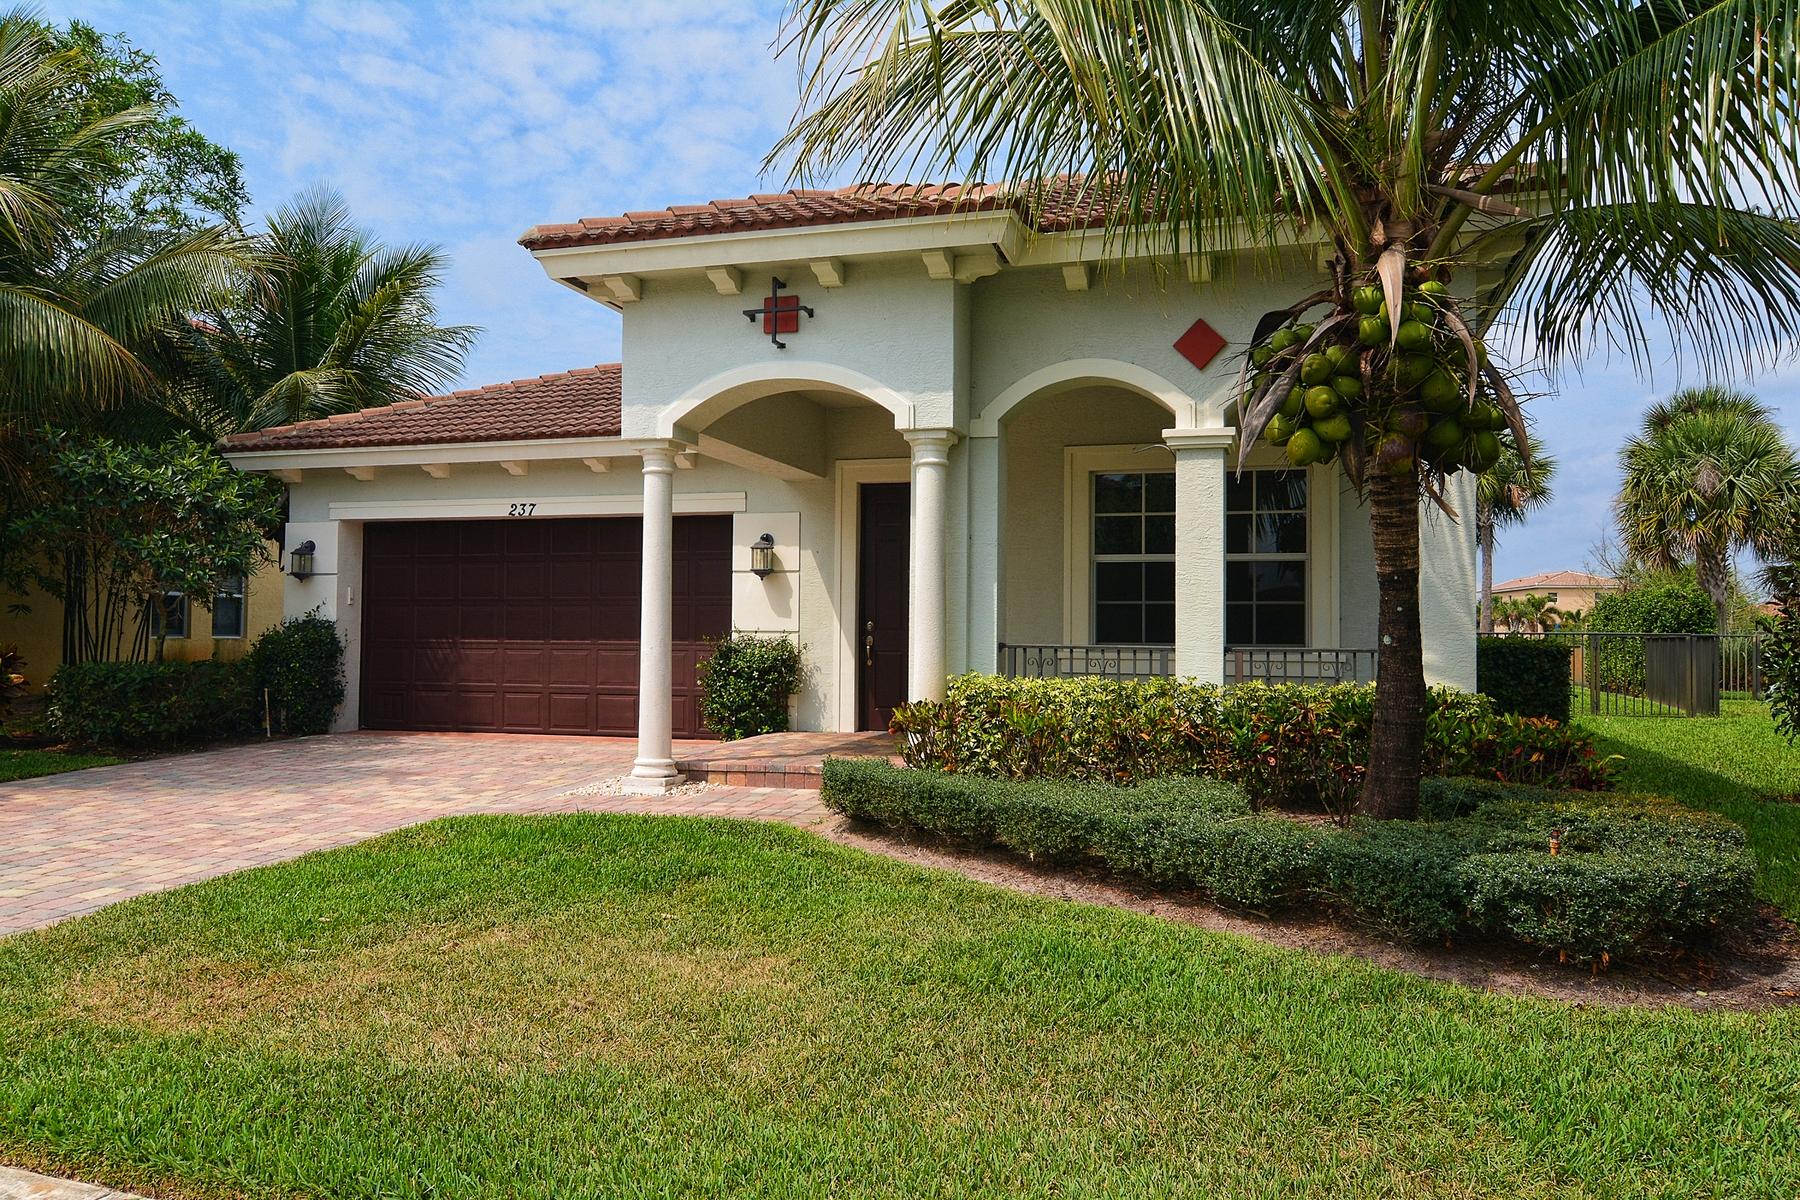 Einfamilienhaus für Verkauf beim 237 Porgee Rock Place Rialto, Jupiter, Florida 33458 Vereinigte Staaten